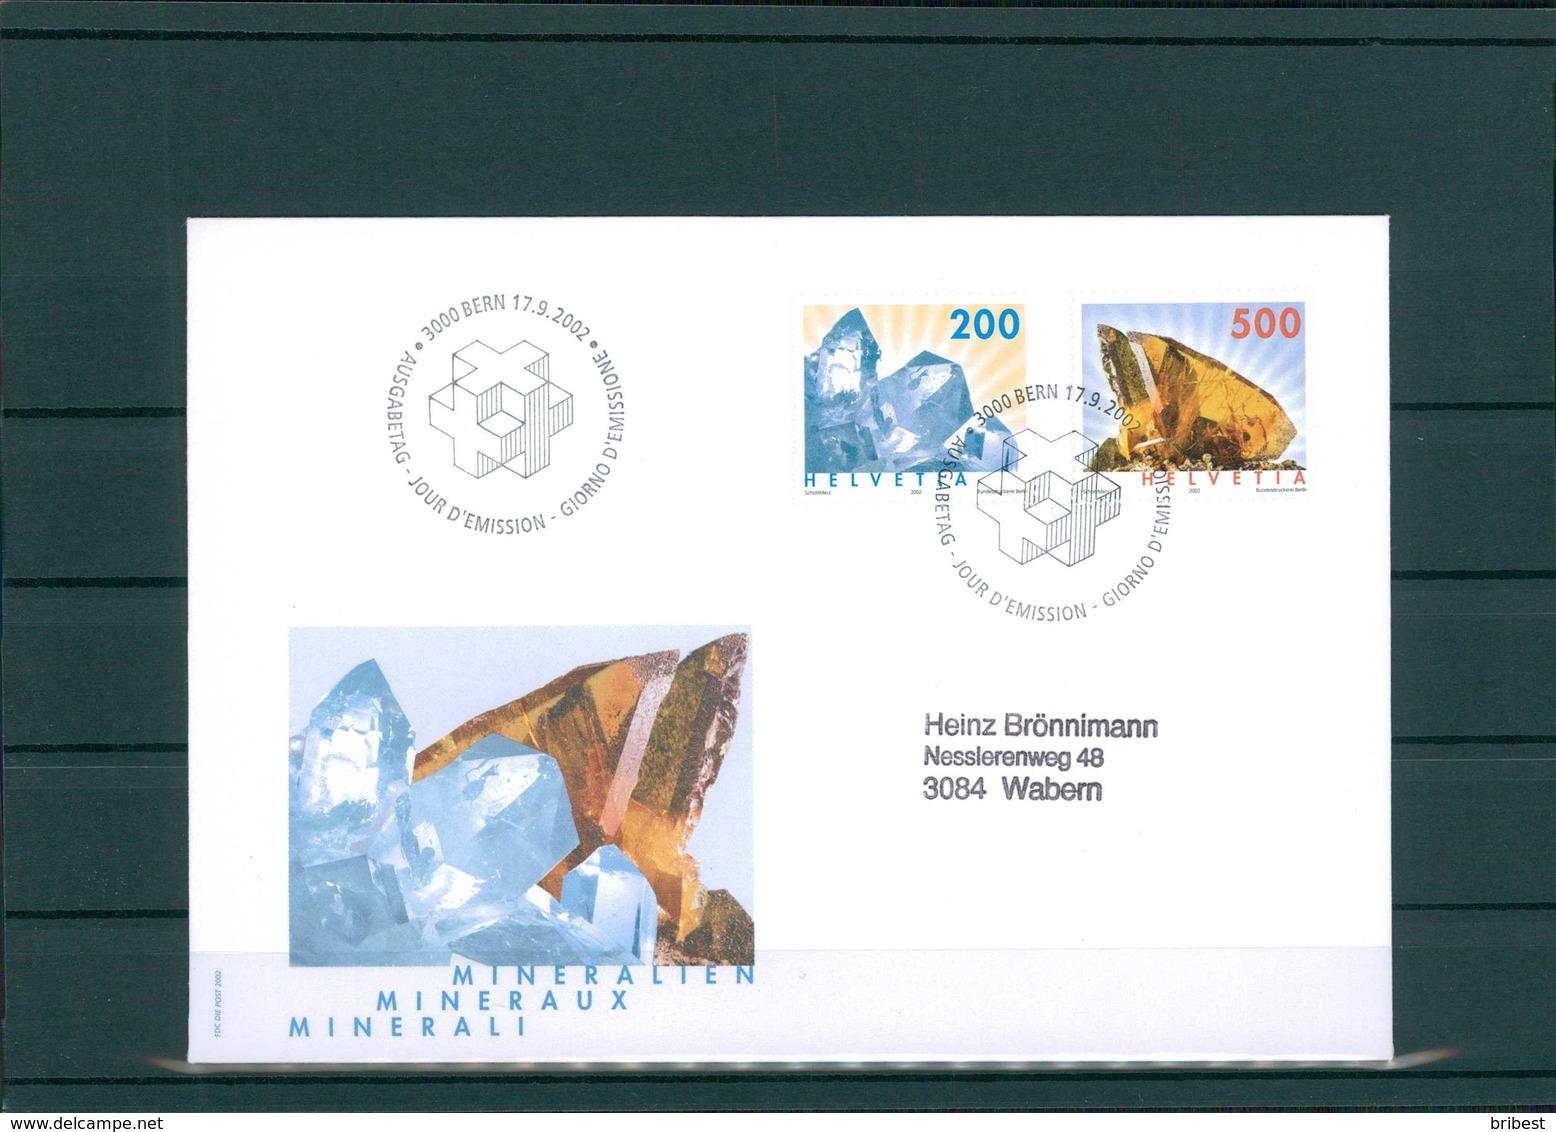 SCHWEIZ 2002 Ersttagsbrief (201931) - Schweiz